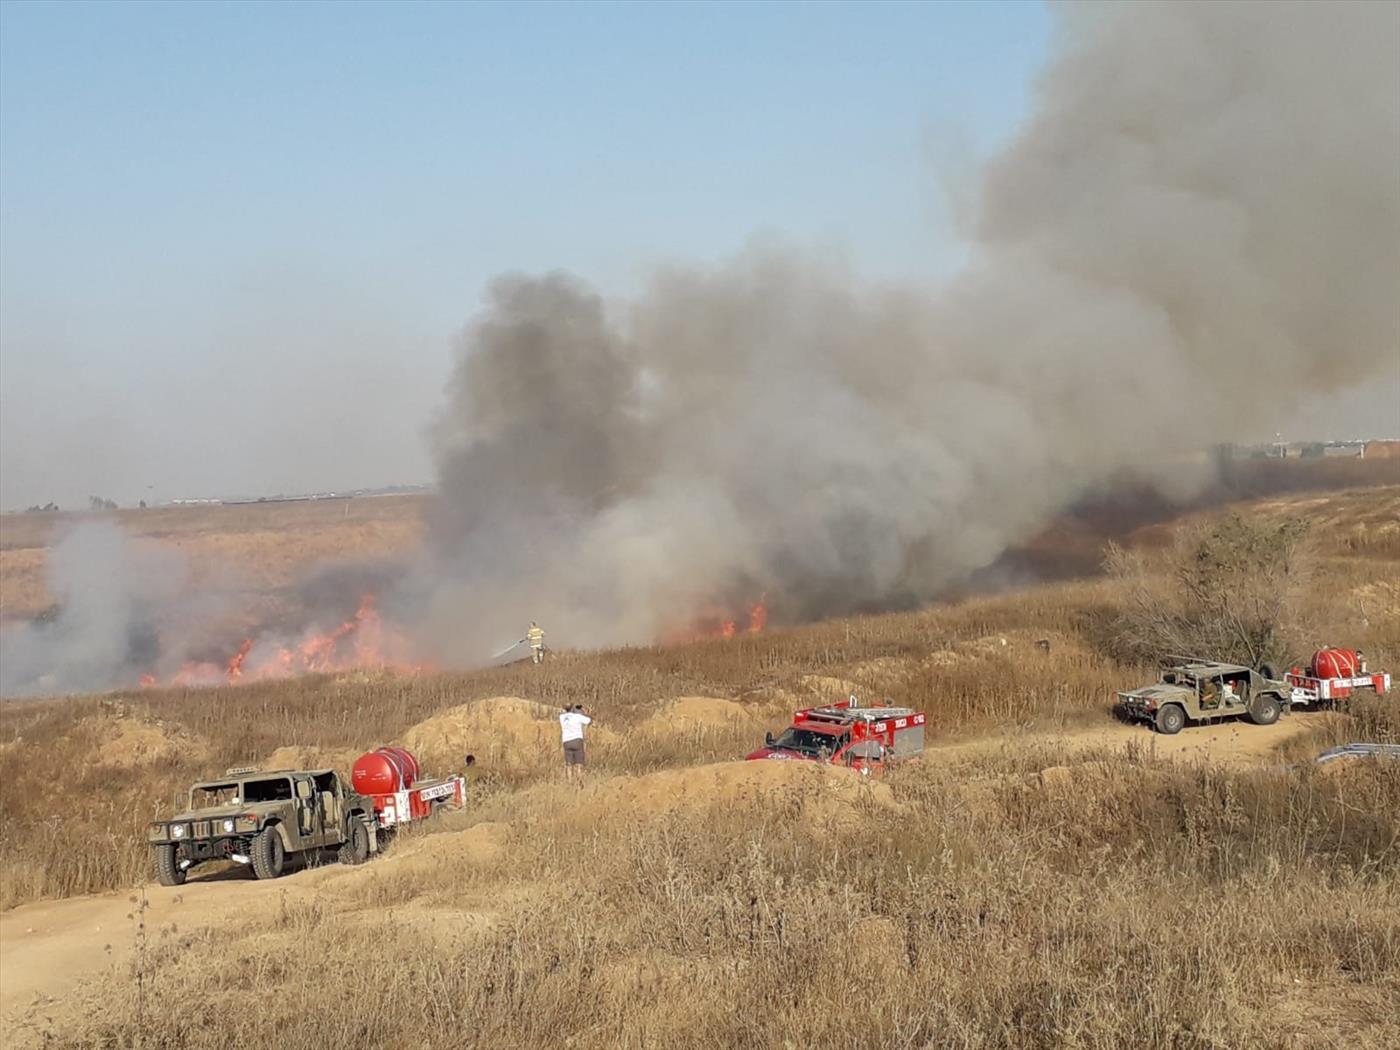 ישראל מכניסה דלק - האש ממשיכה לבעור. מה קורה בעזה?